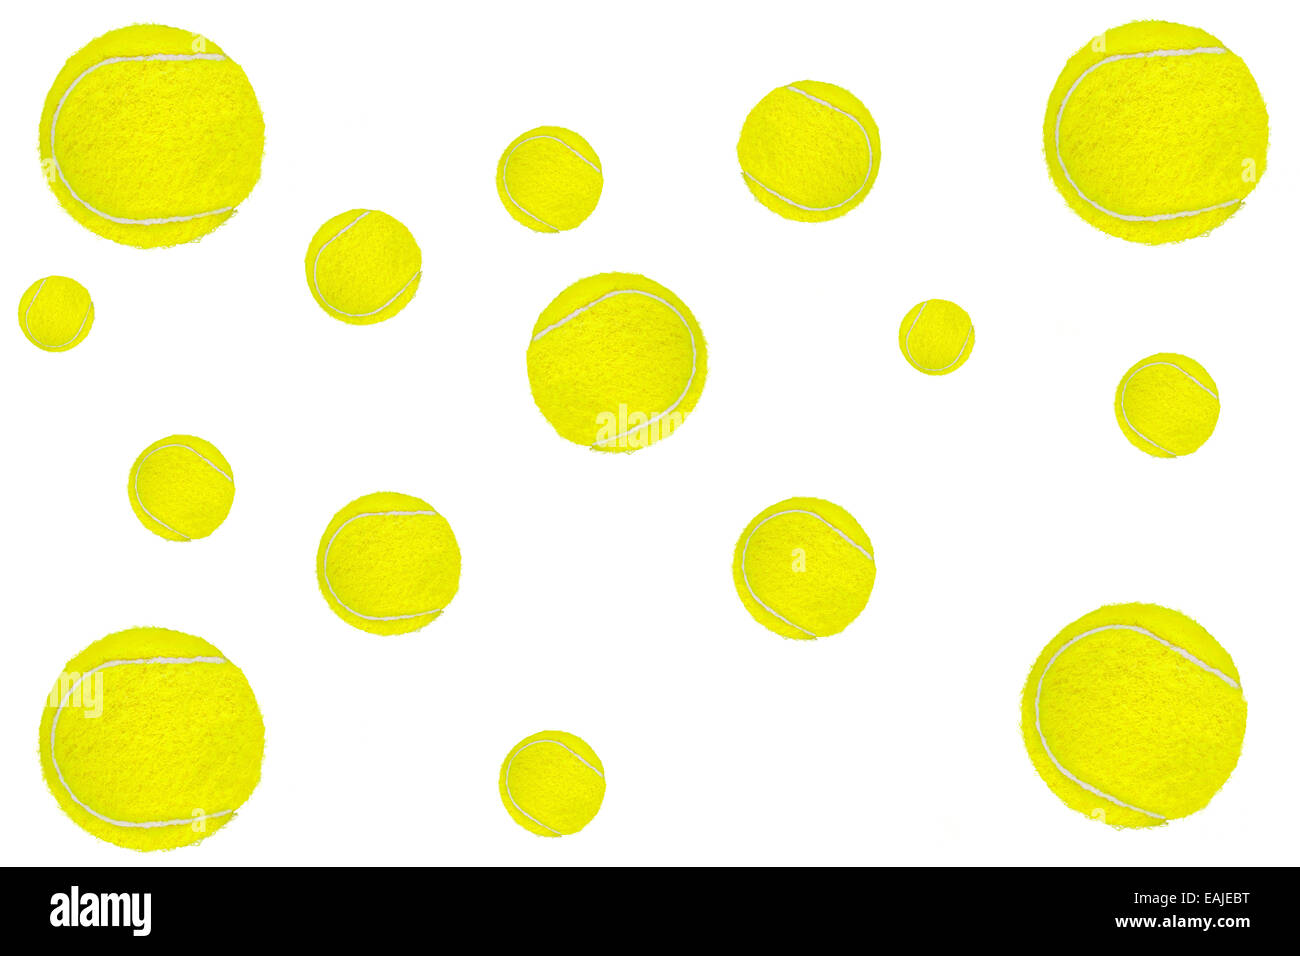 Antecedentes de las pelotas de tenis en blanco. Imagen De Stock